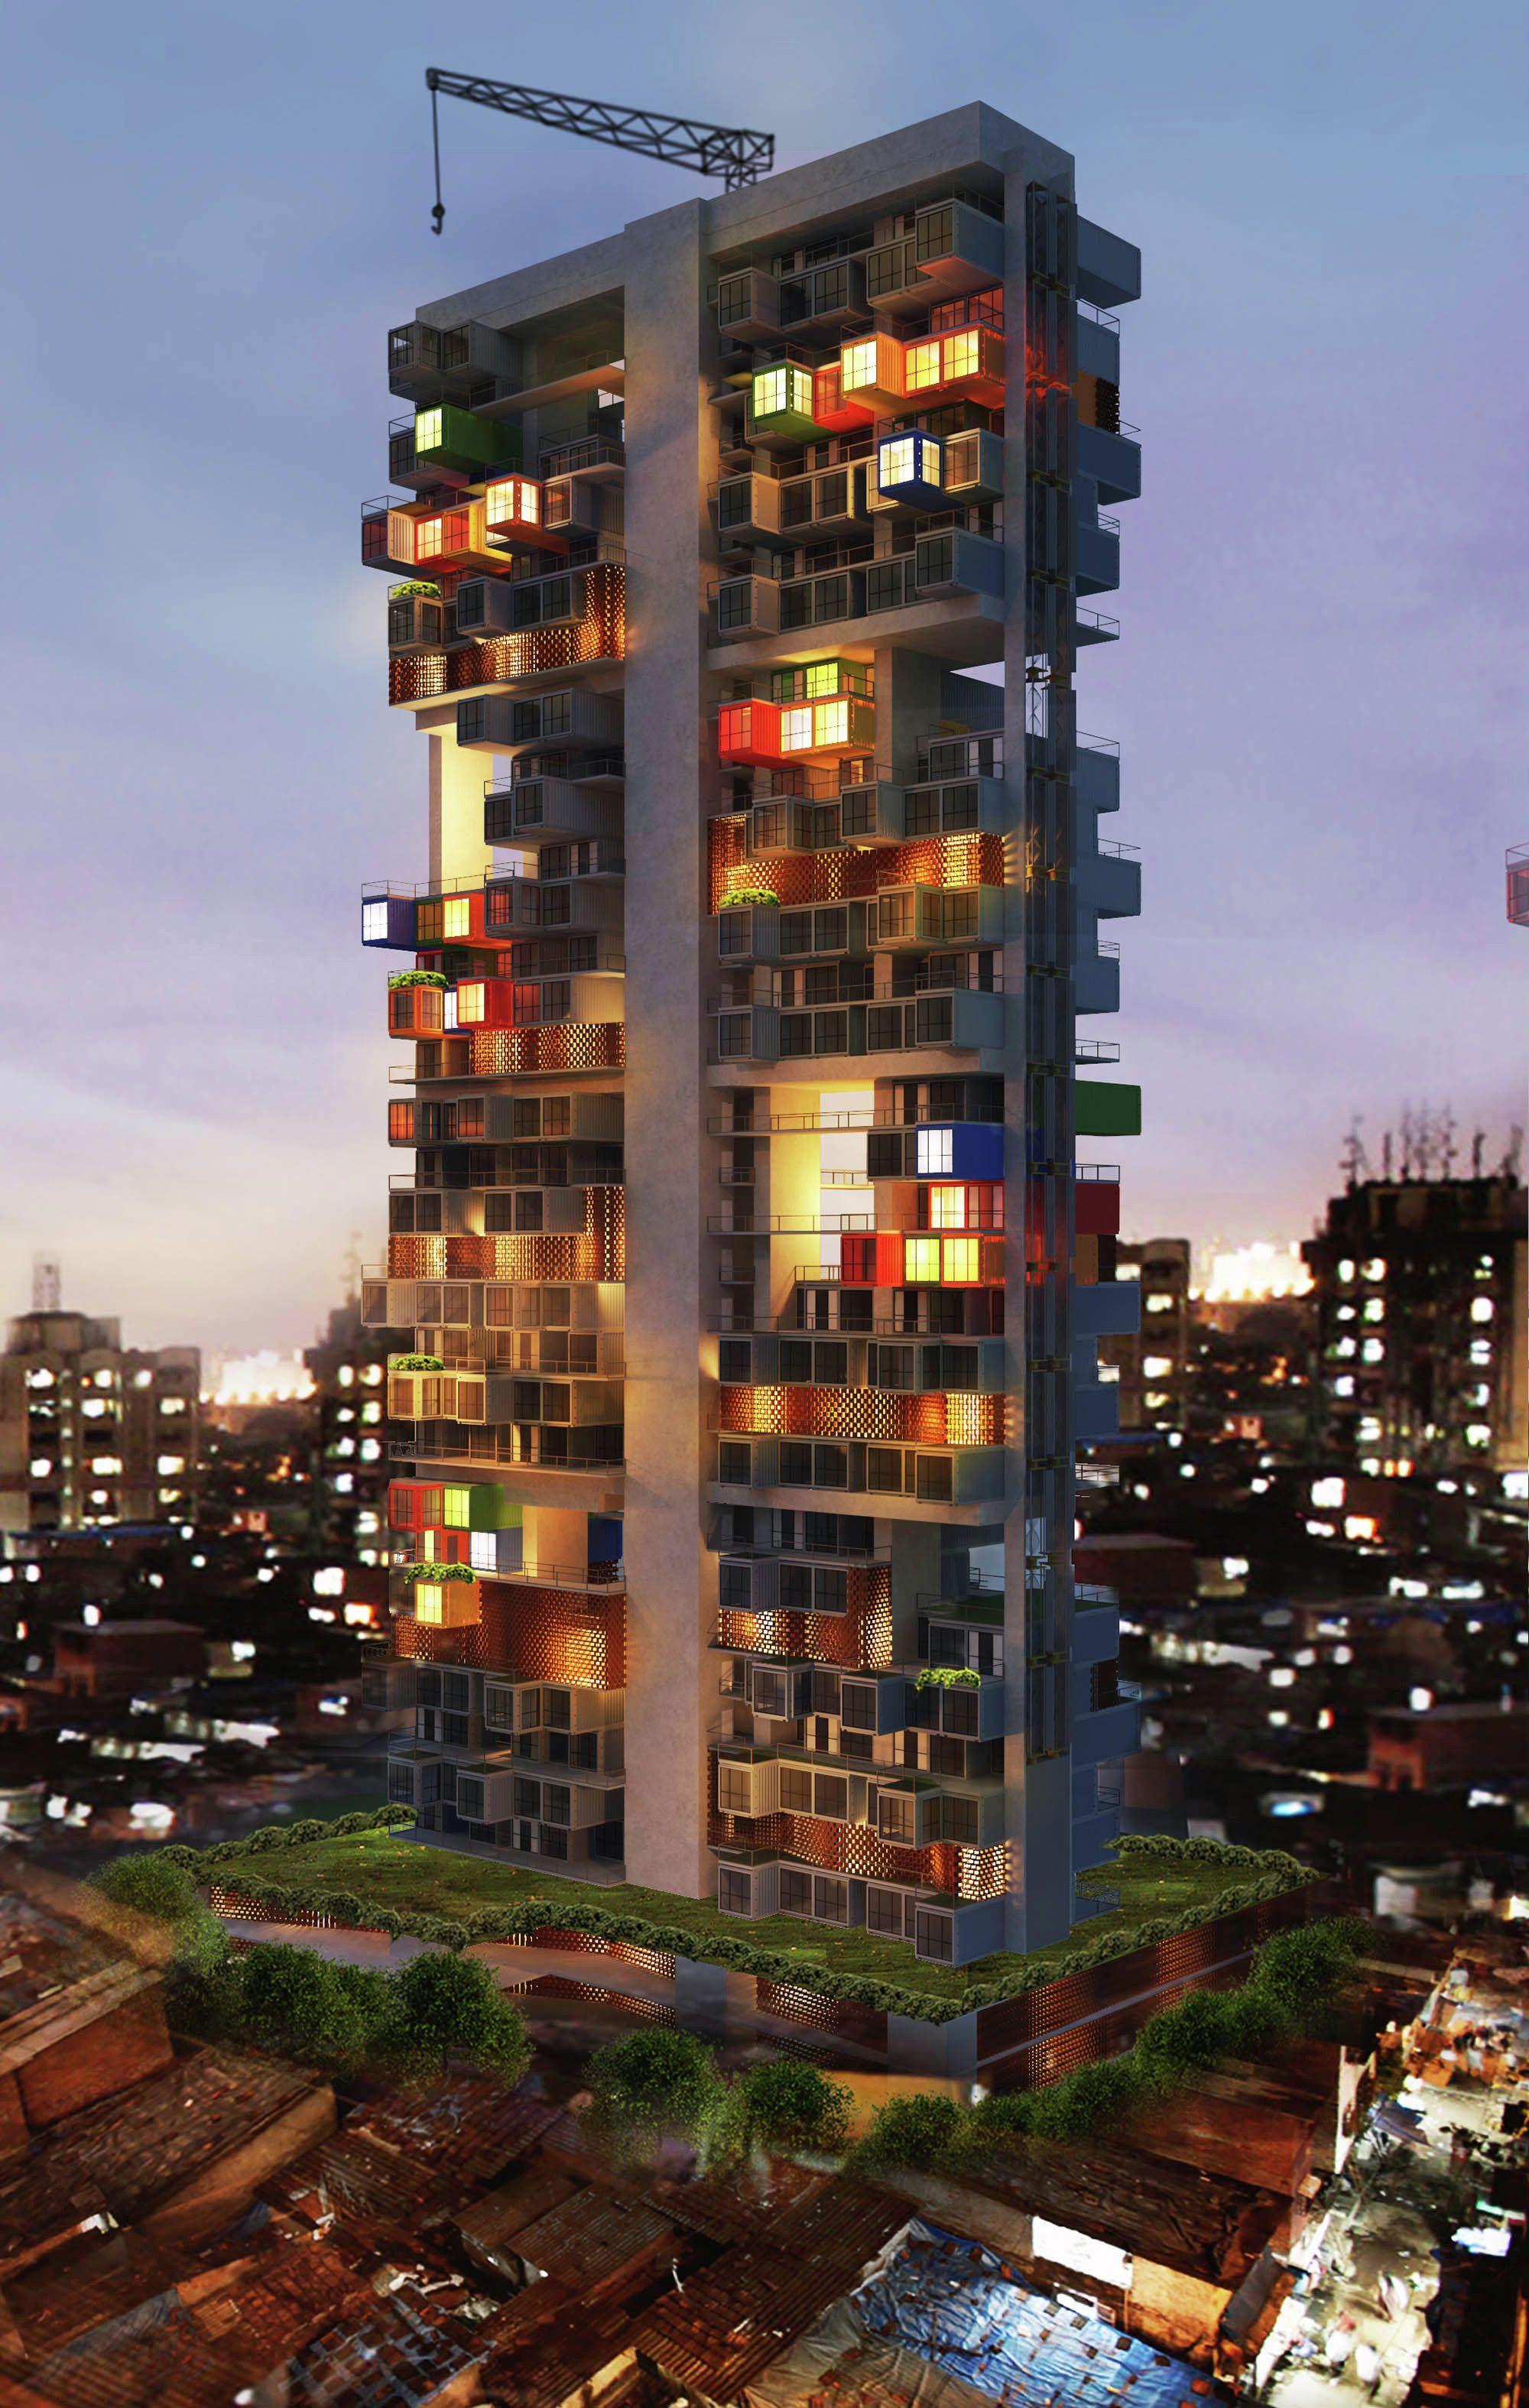 GA Designs Radical ShippingContainer Skyscraper For Mumbai Slum